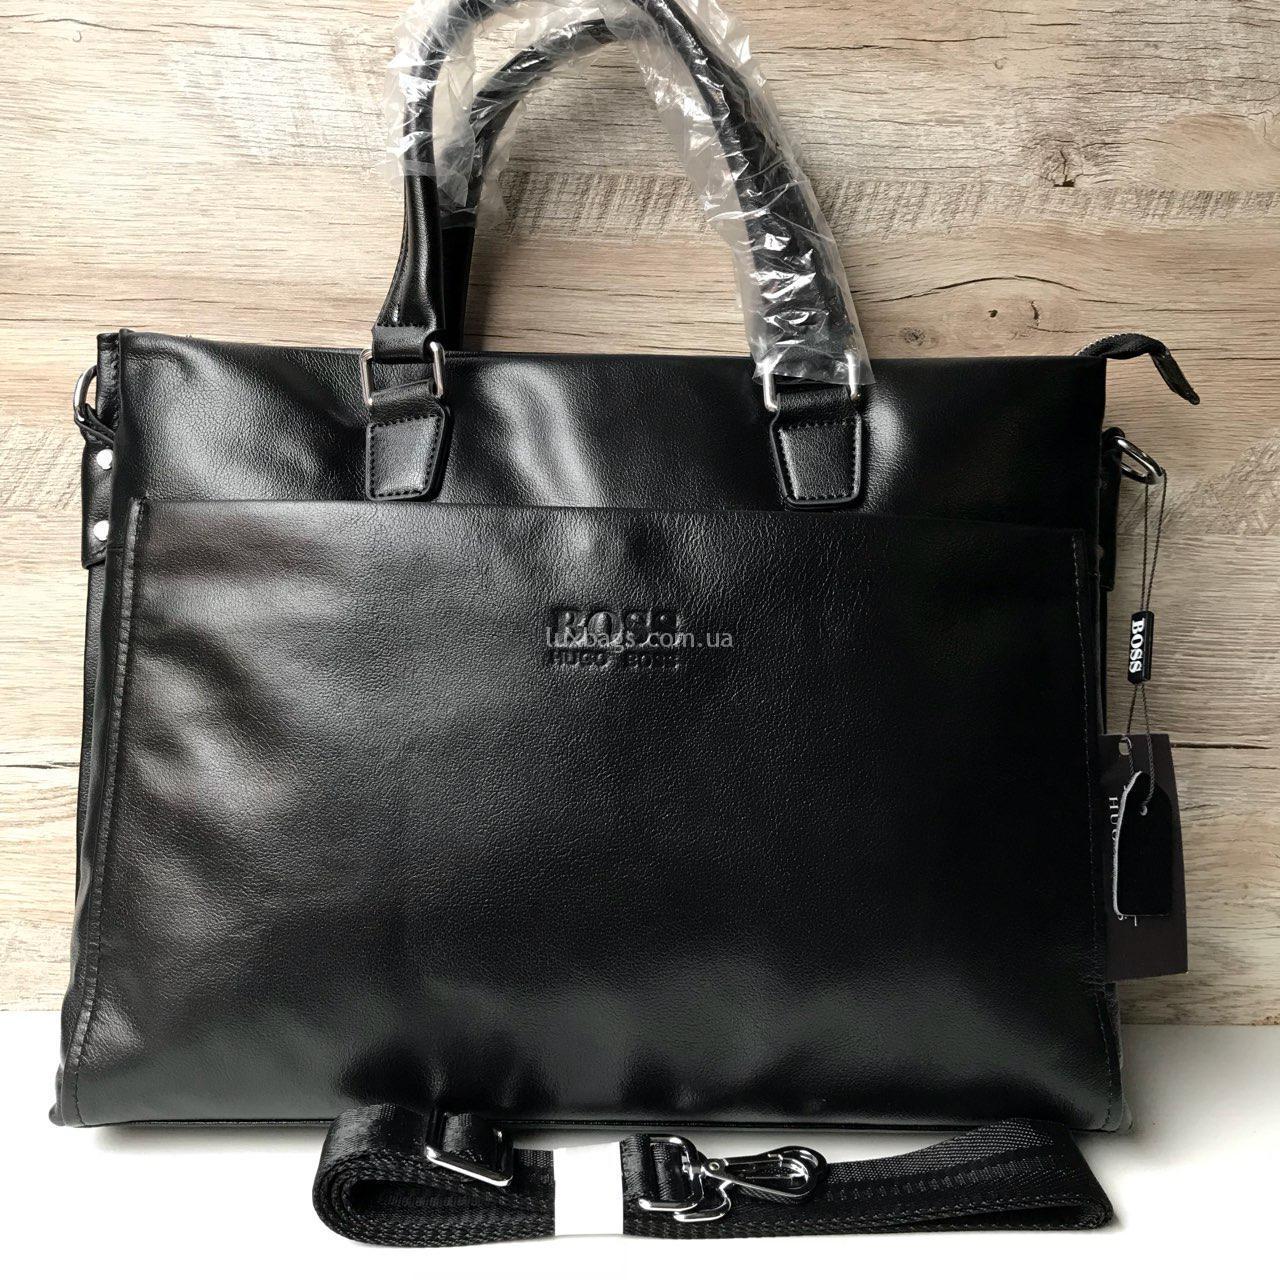 3915e9cfd039 Купить Кожаный портфель Hugo Boss Недорого | lux-bags